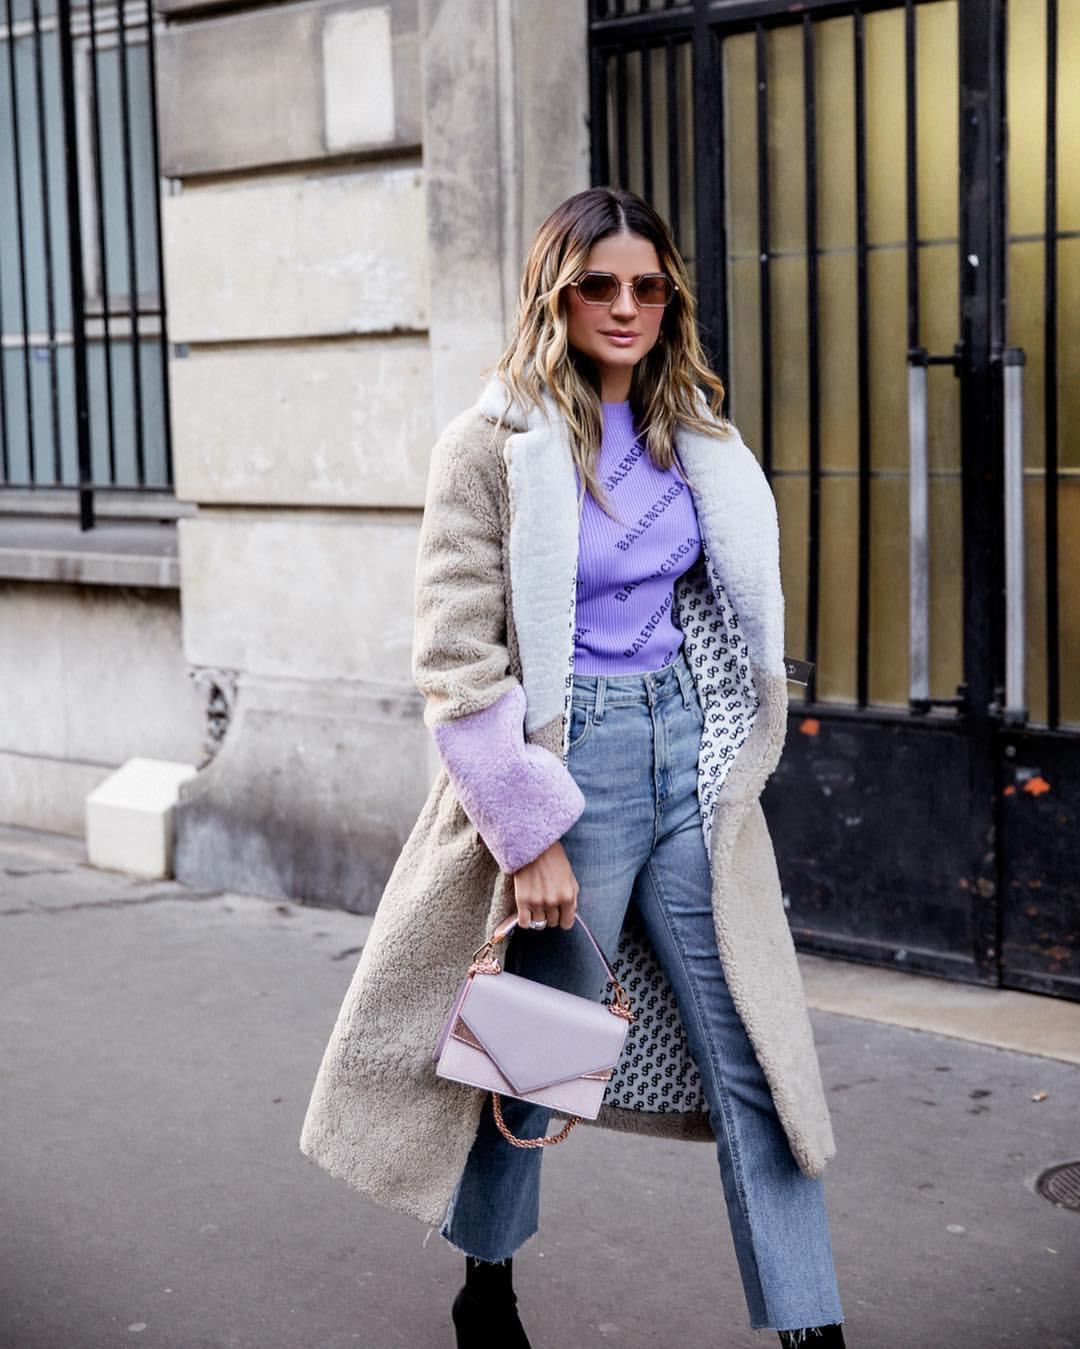 thassia paris neon pastel roxo jeans balenciaga